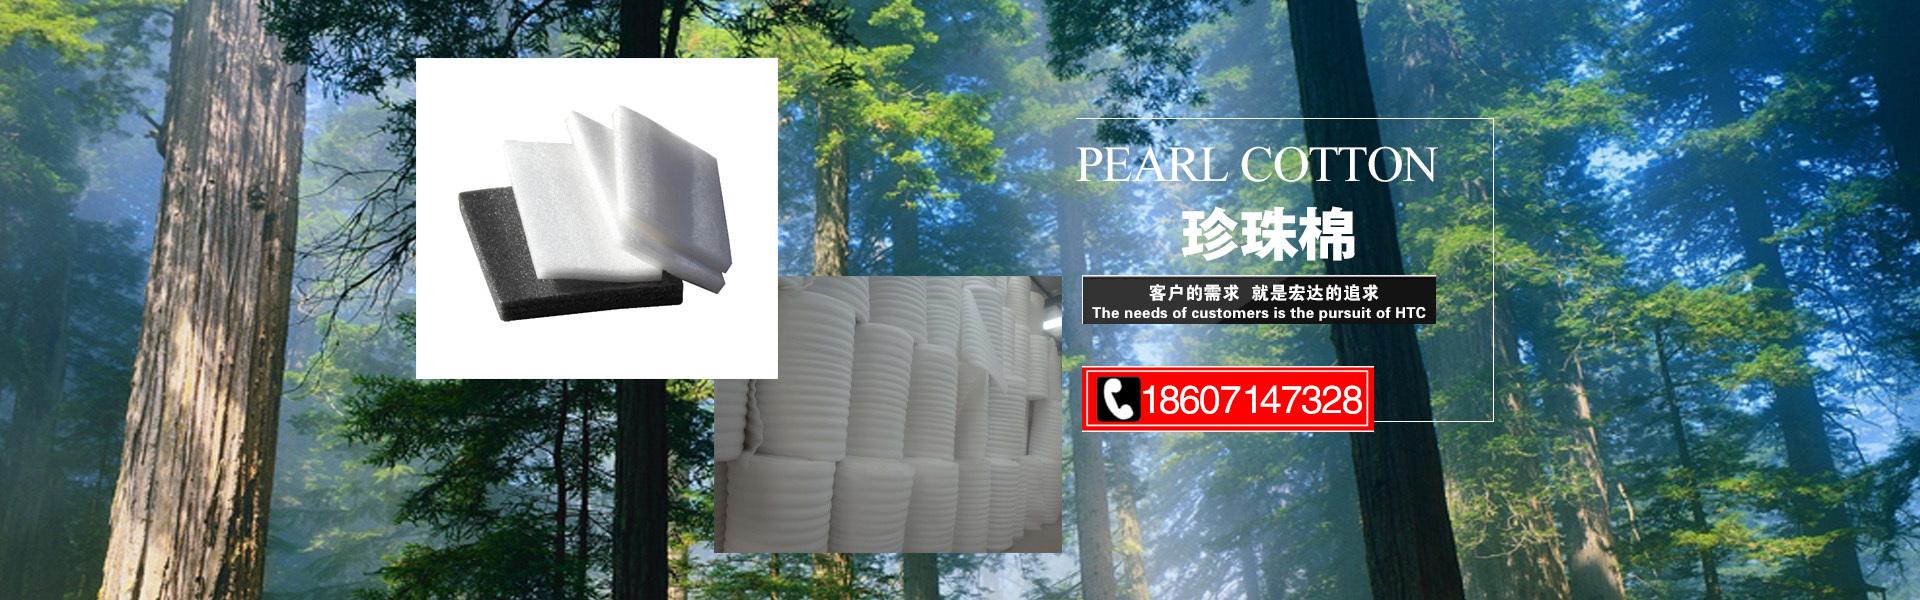 武汉市汉阳宏达纸箱厂-珍珠棉样品